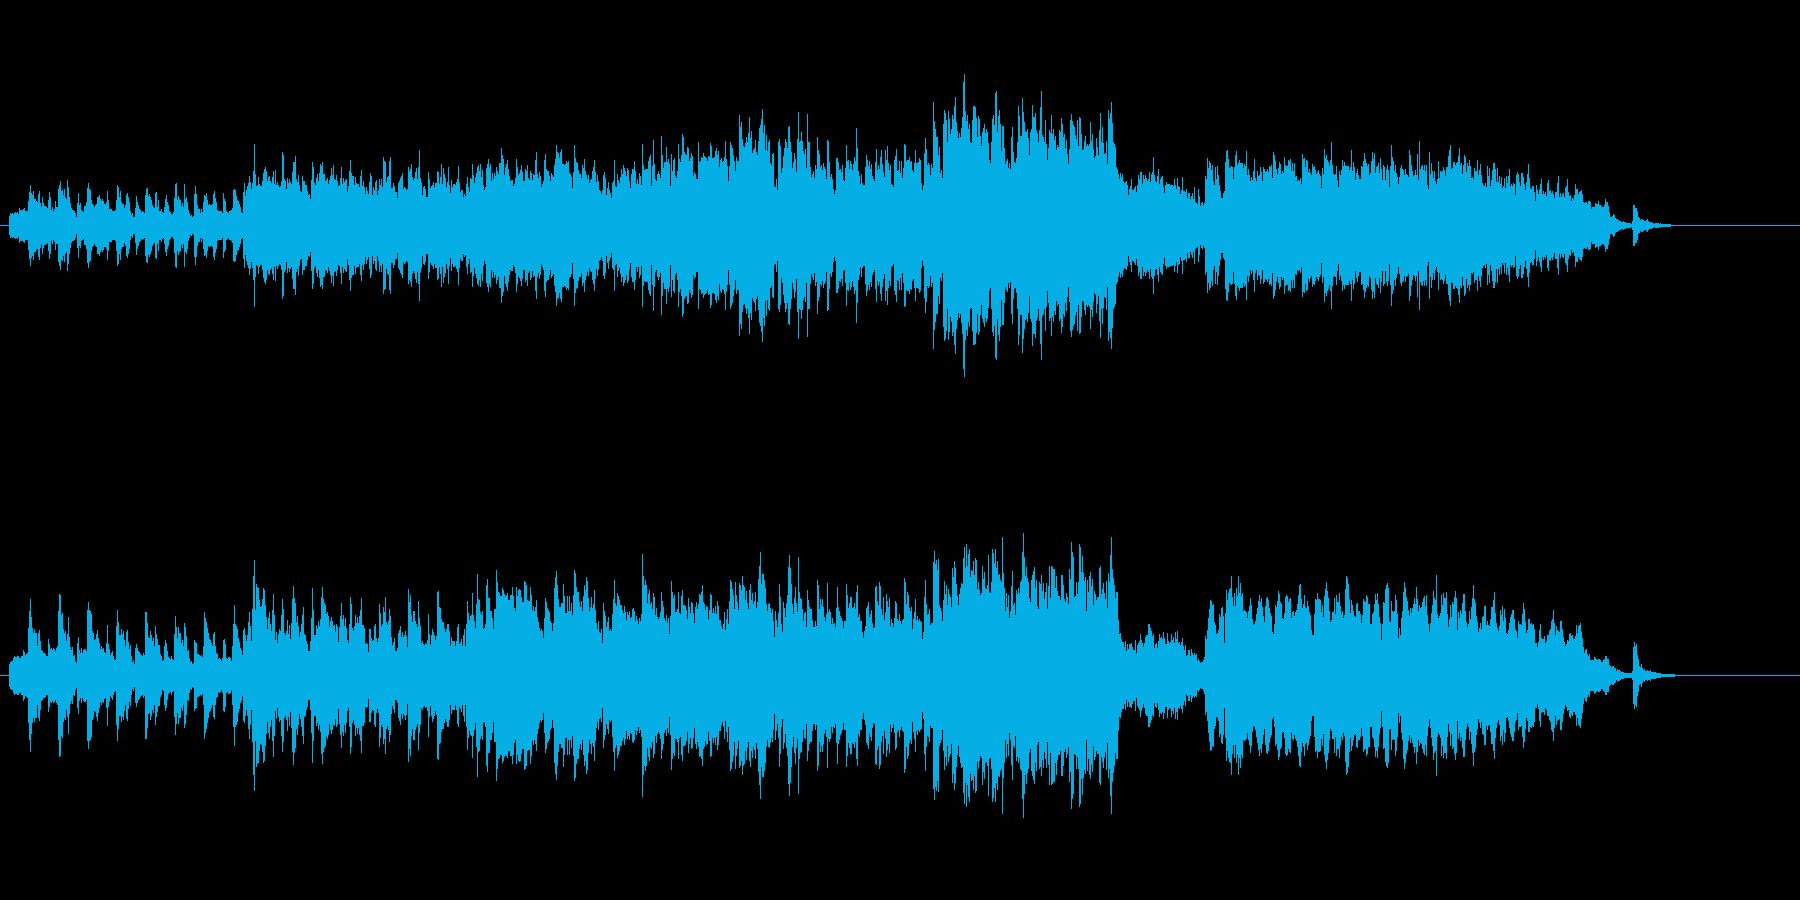 マインドダウンしてゆく重さを持つ曲の再生済みの波形